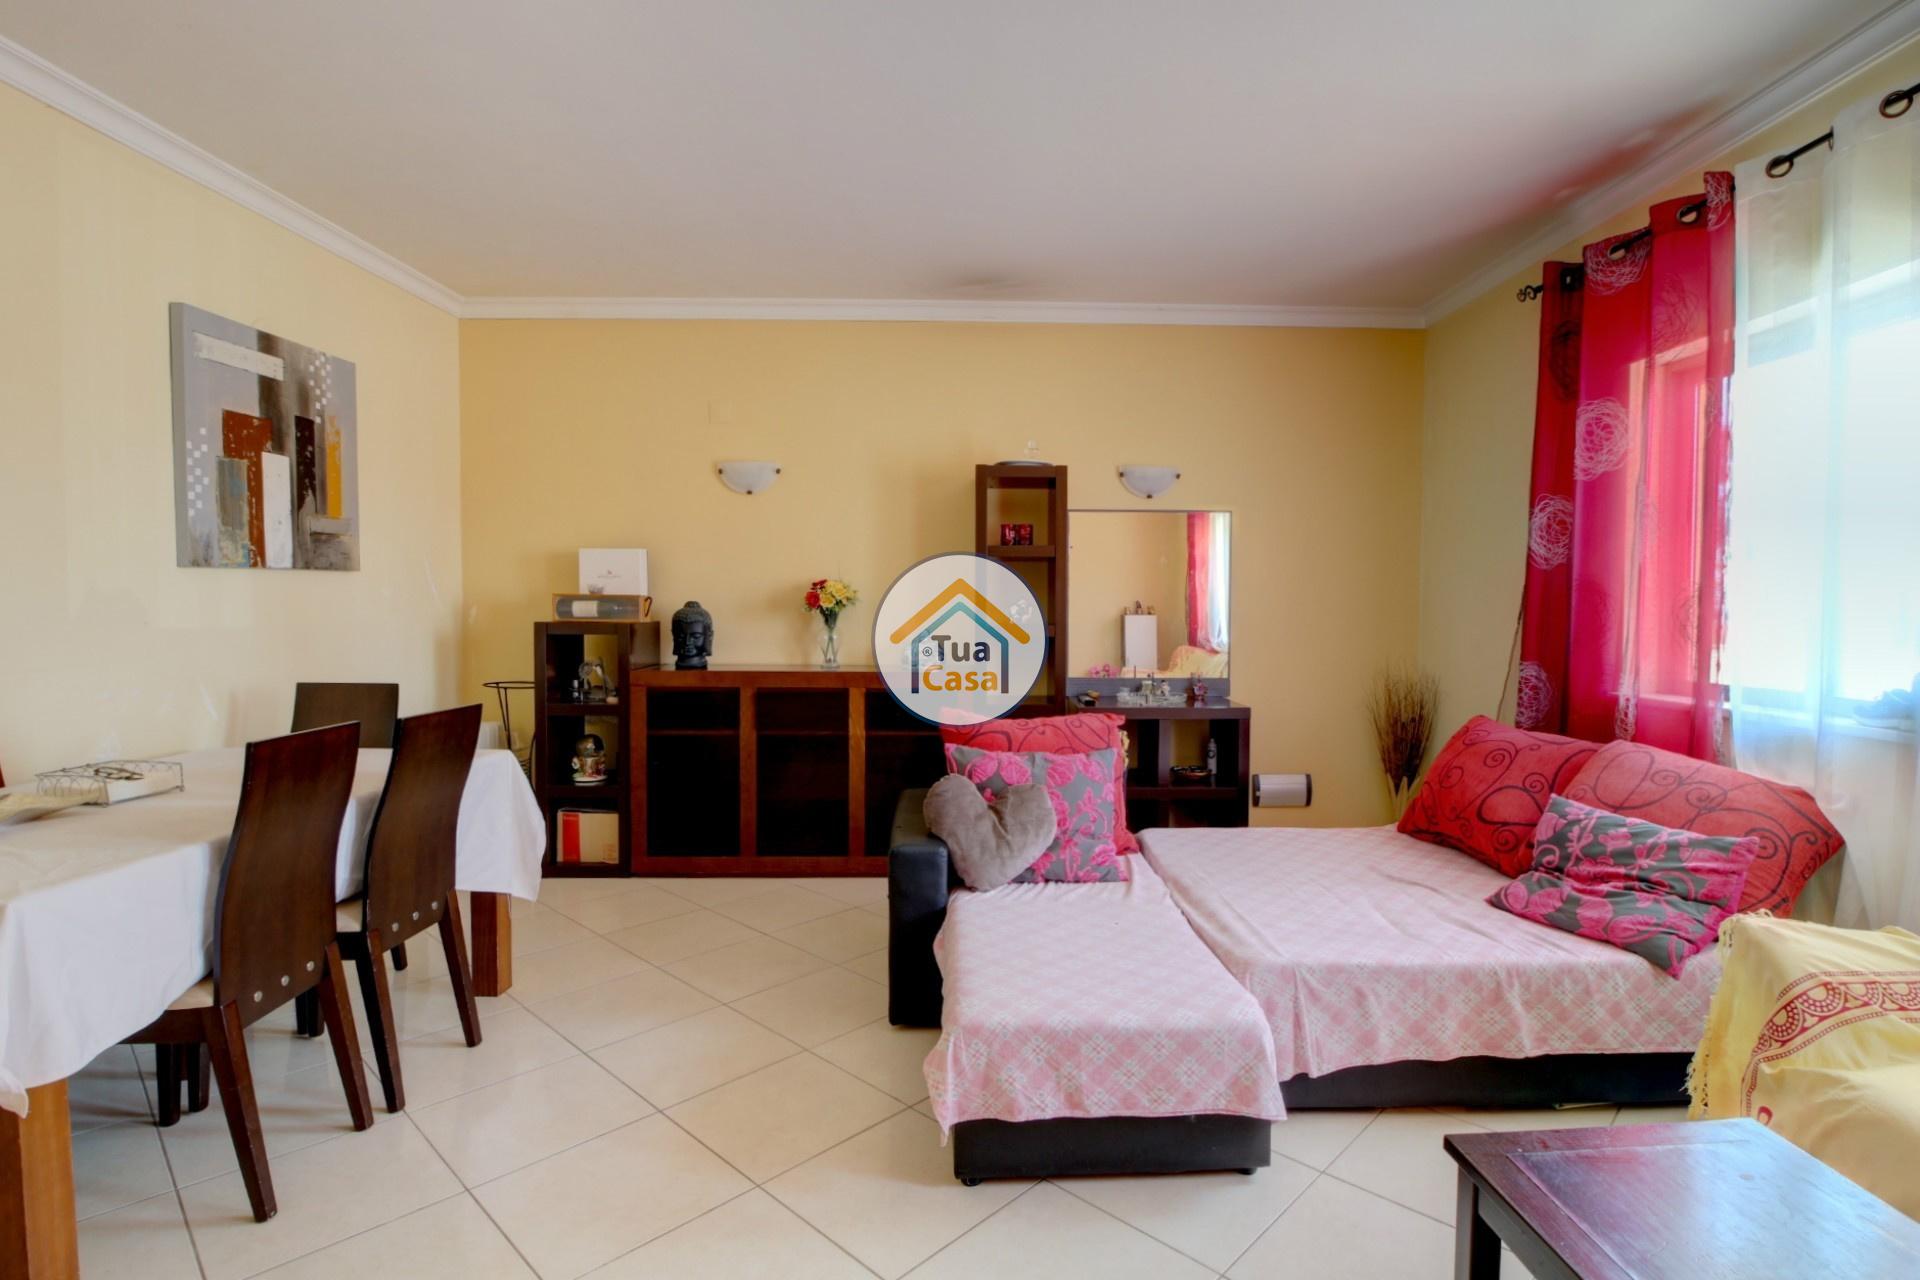 apartamento-quinta-joao-de-ourem-t2-garagem-estacionamento-rc-varanda-quintal (10)